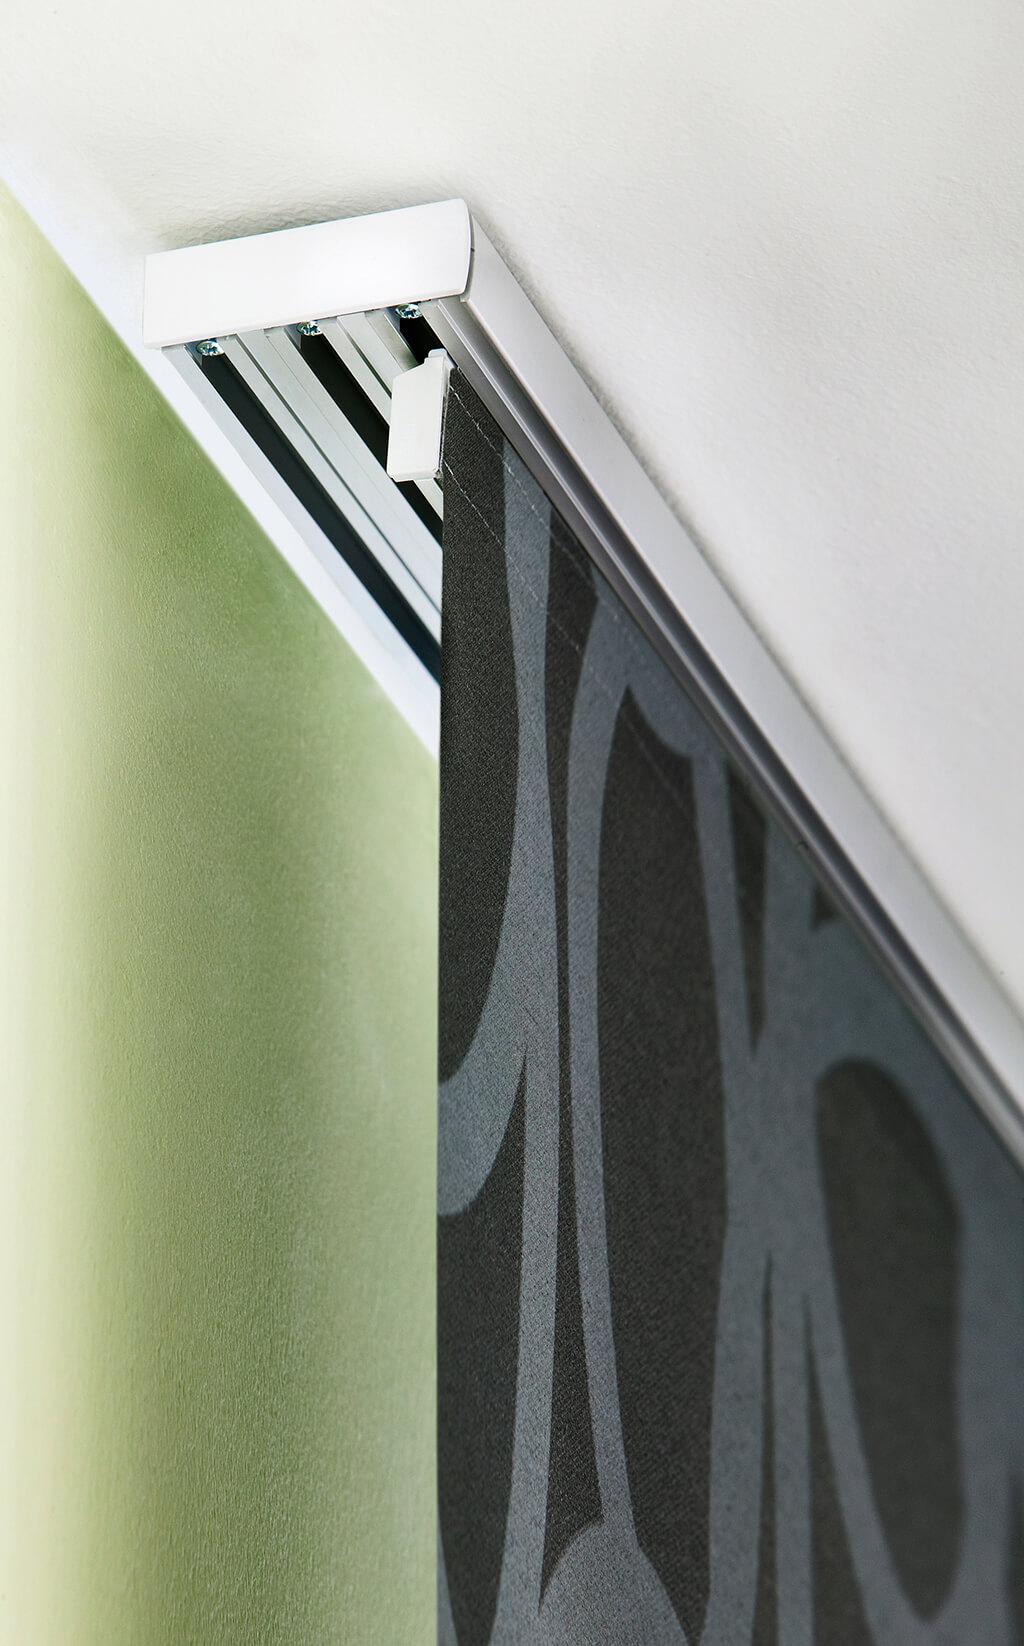 Detailaufnahme der mehrspurigen Aluminiumschiene mit einem gemusterten Flächenvorhangstoff